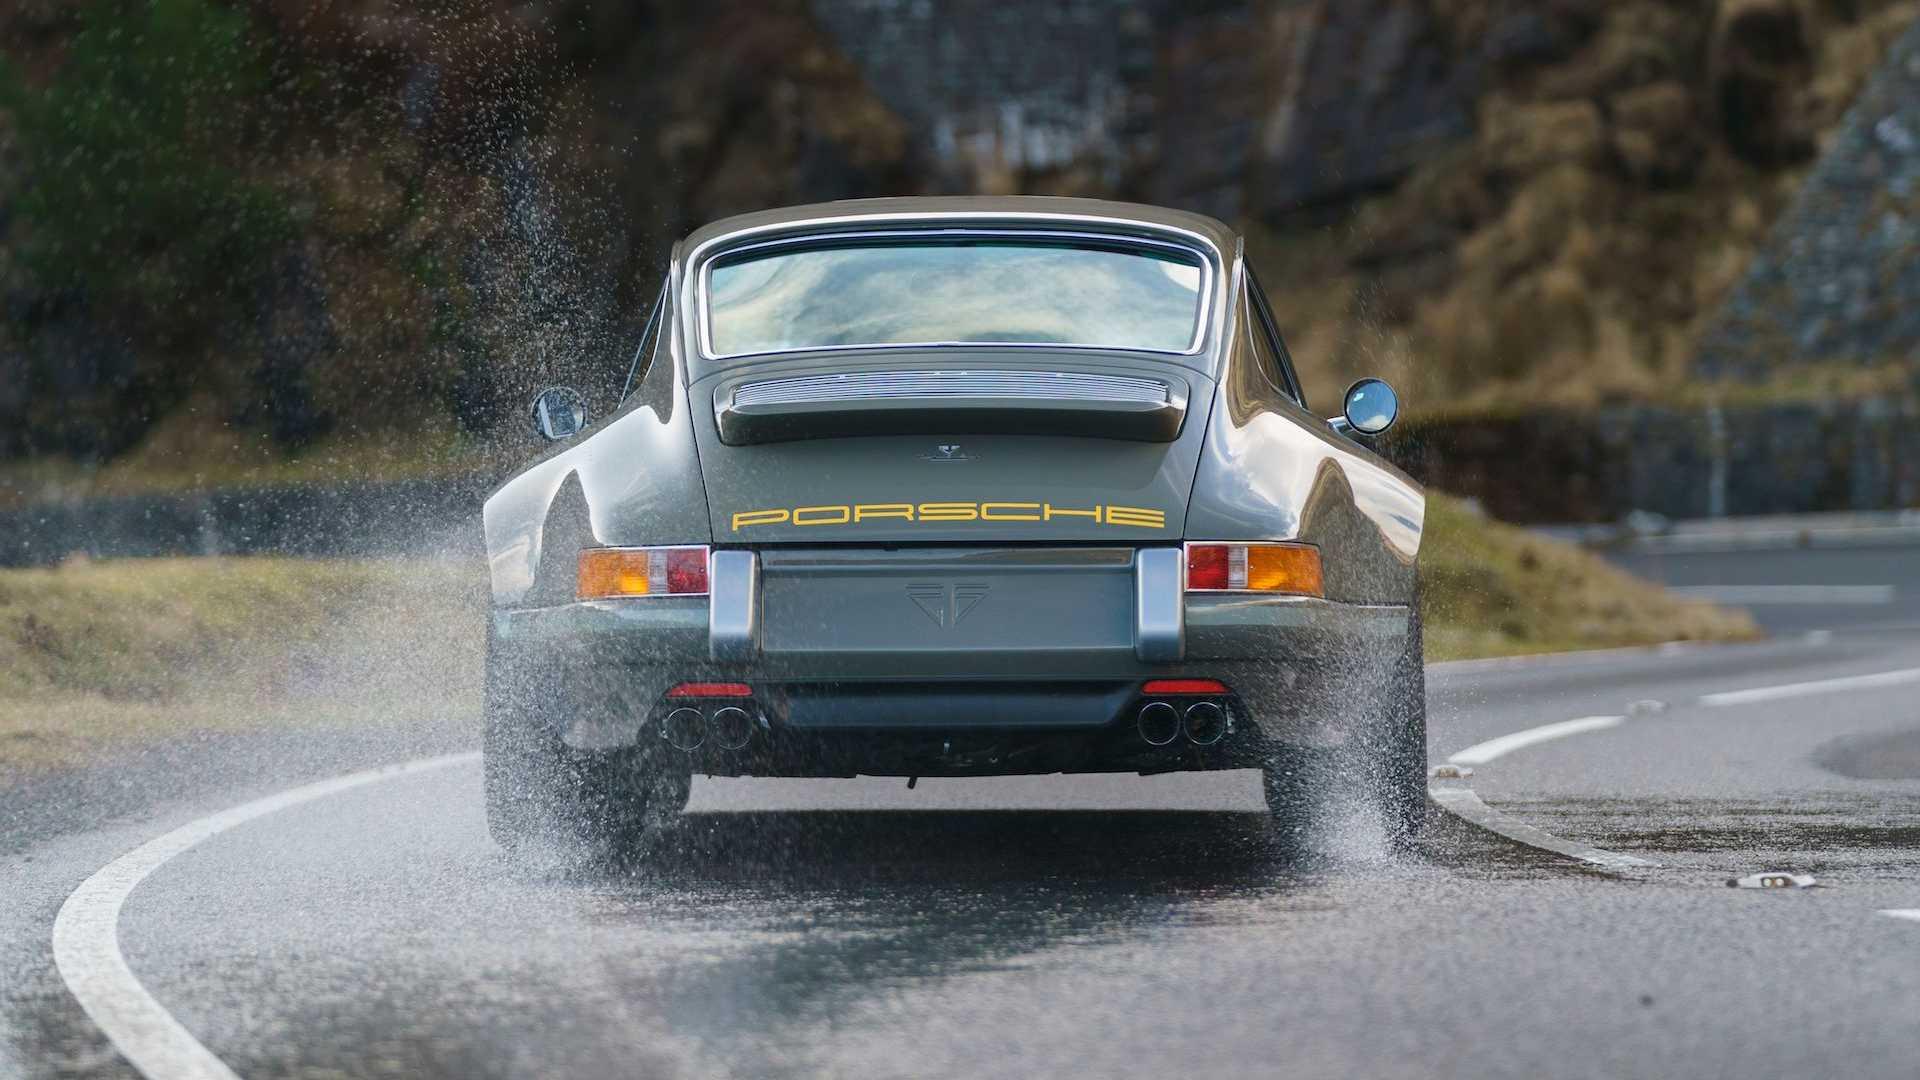 Theon-Design-HK002-Porsche-911-25